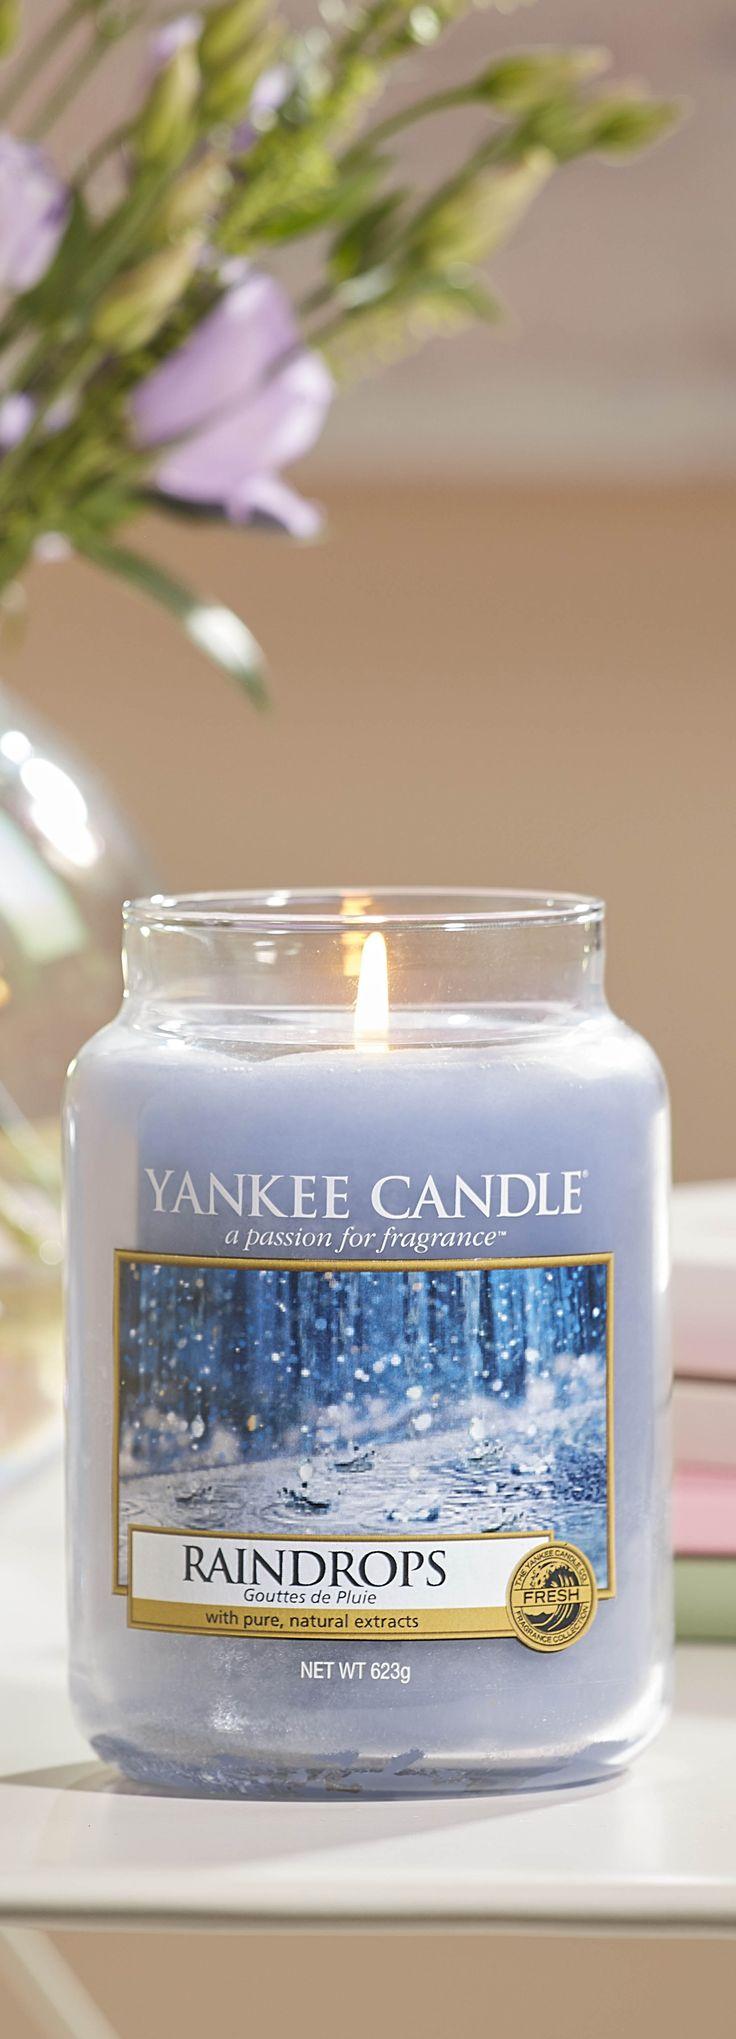 #YankeeCandle